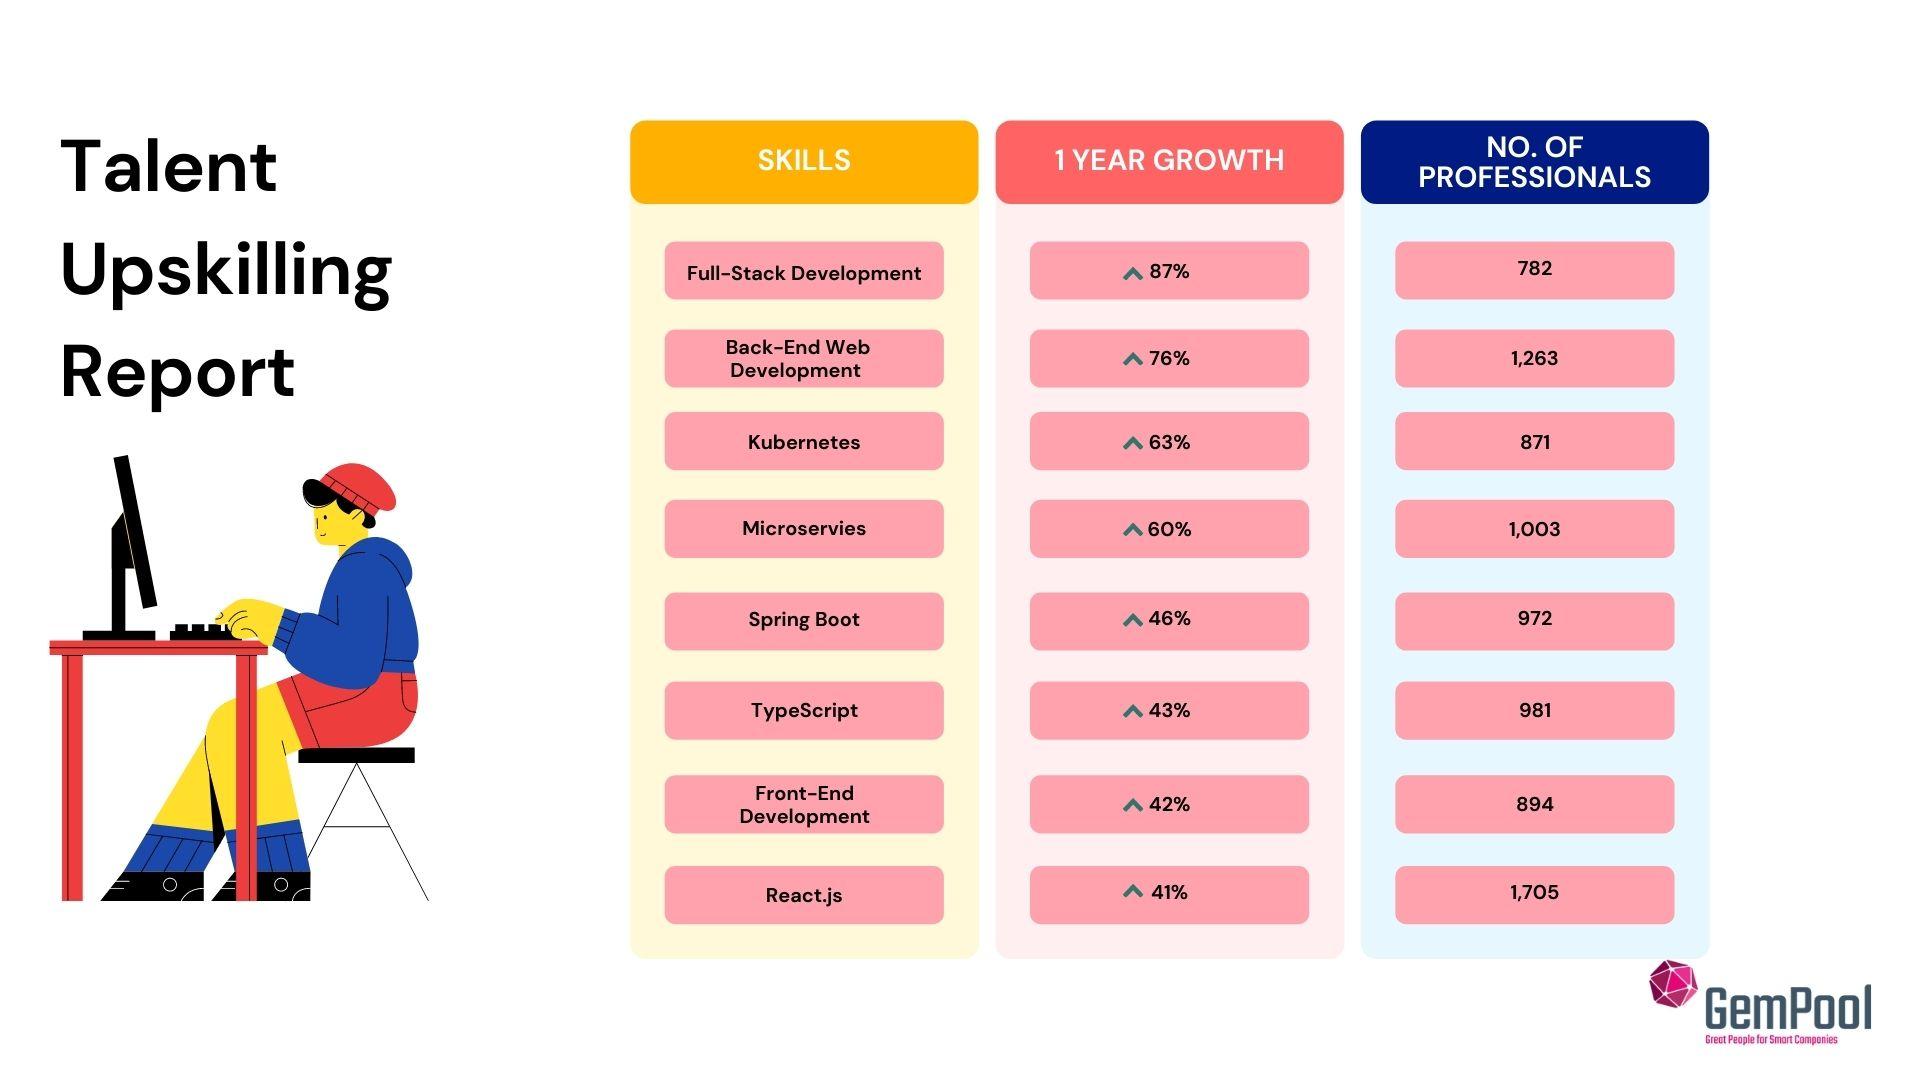 Upskillin talent in IT jobs market in Ireland